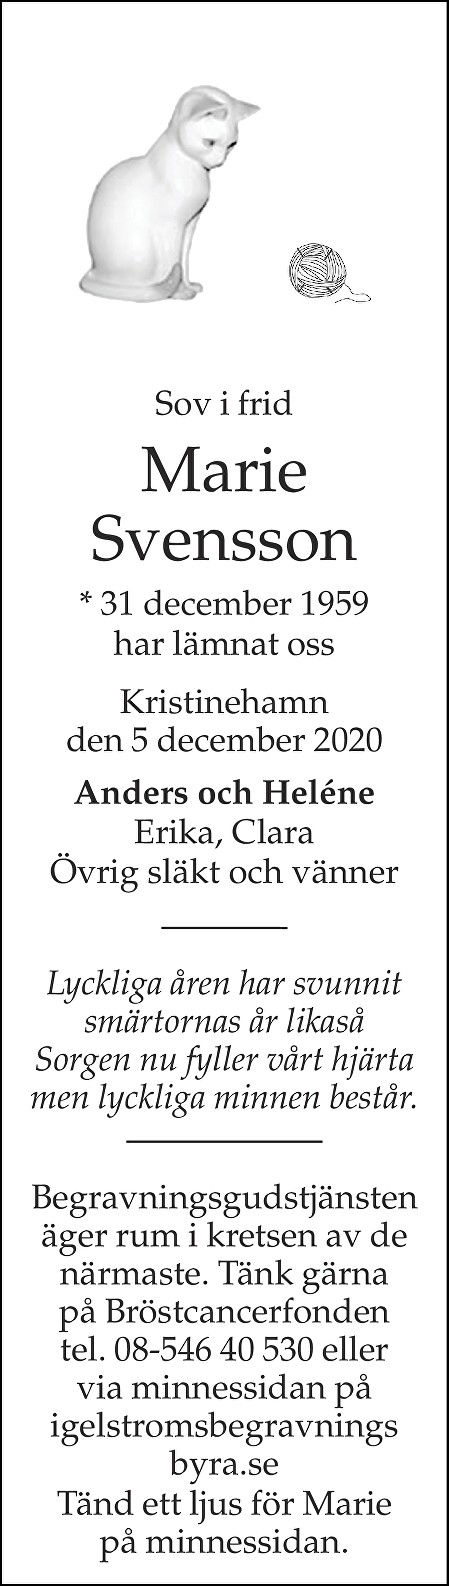 Marie Svensson Death notice